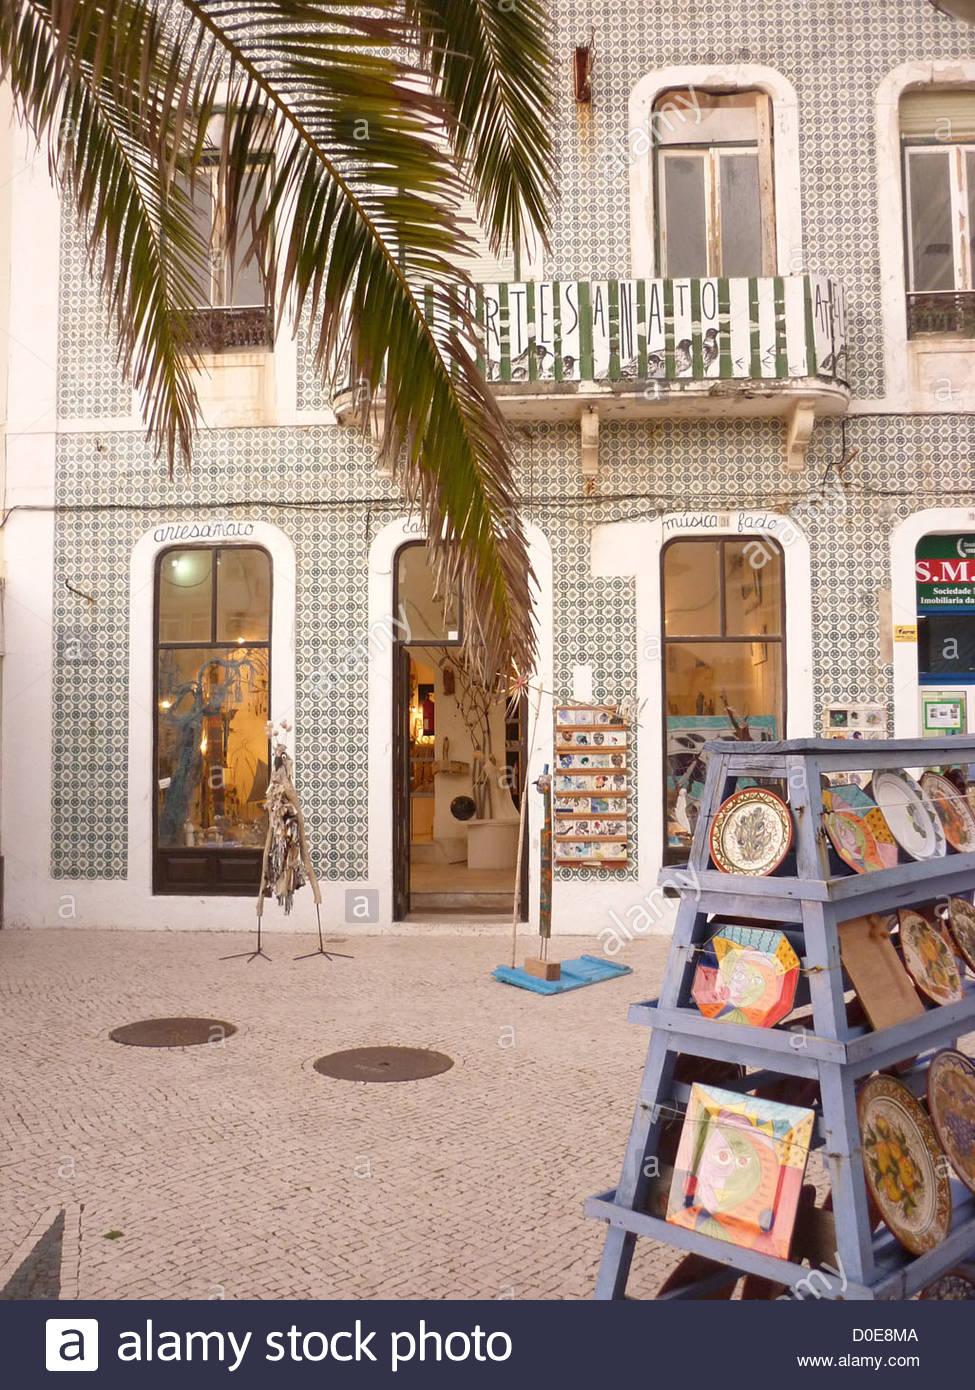 Artist shop 'Casa Alcoa' Praça Sousa Oliveira Nazaré Portugal - Stock Image